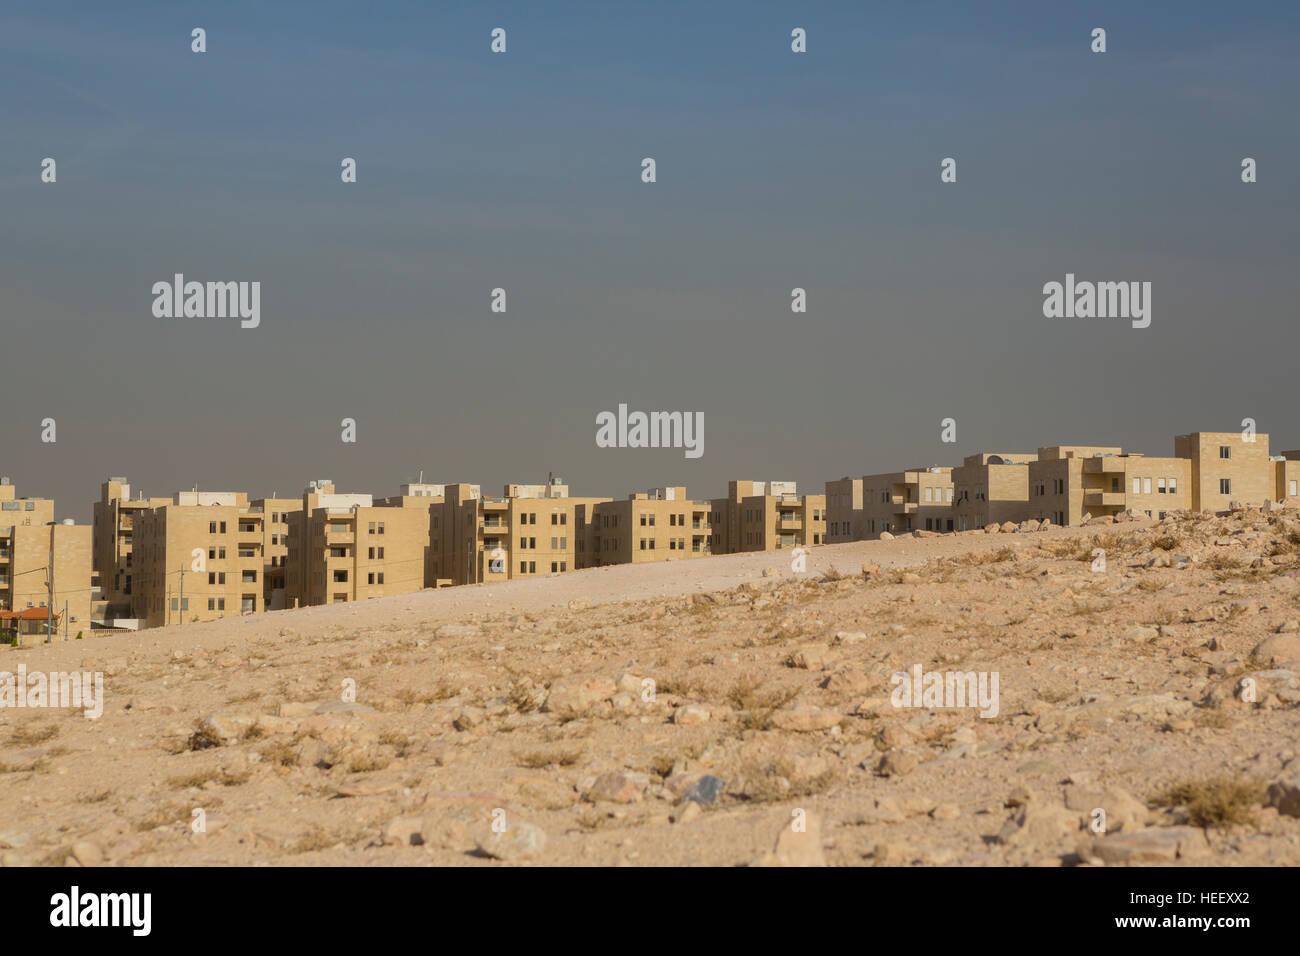 Escena mostrando la arquitectura de la ciudad Jordana de Zarqa, Jordania en los vastos. Imagen De Stock